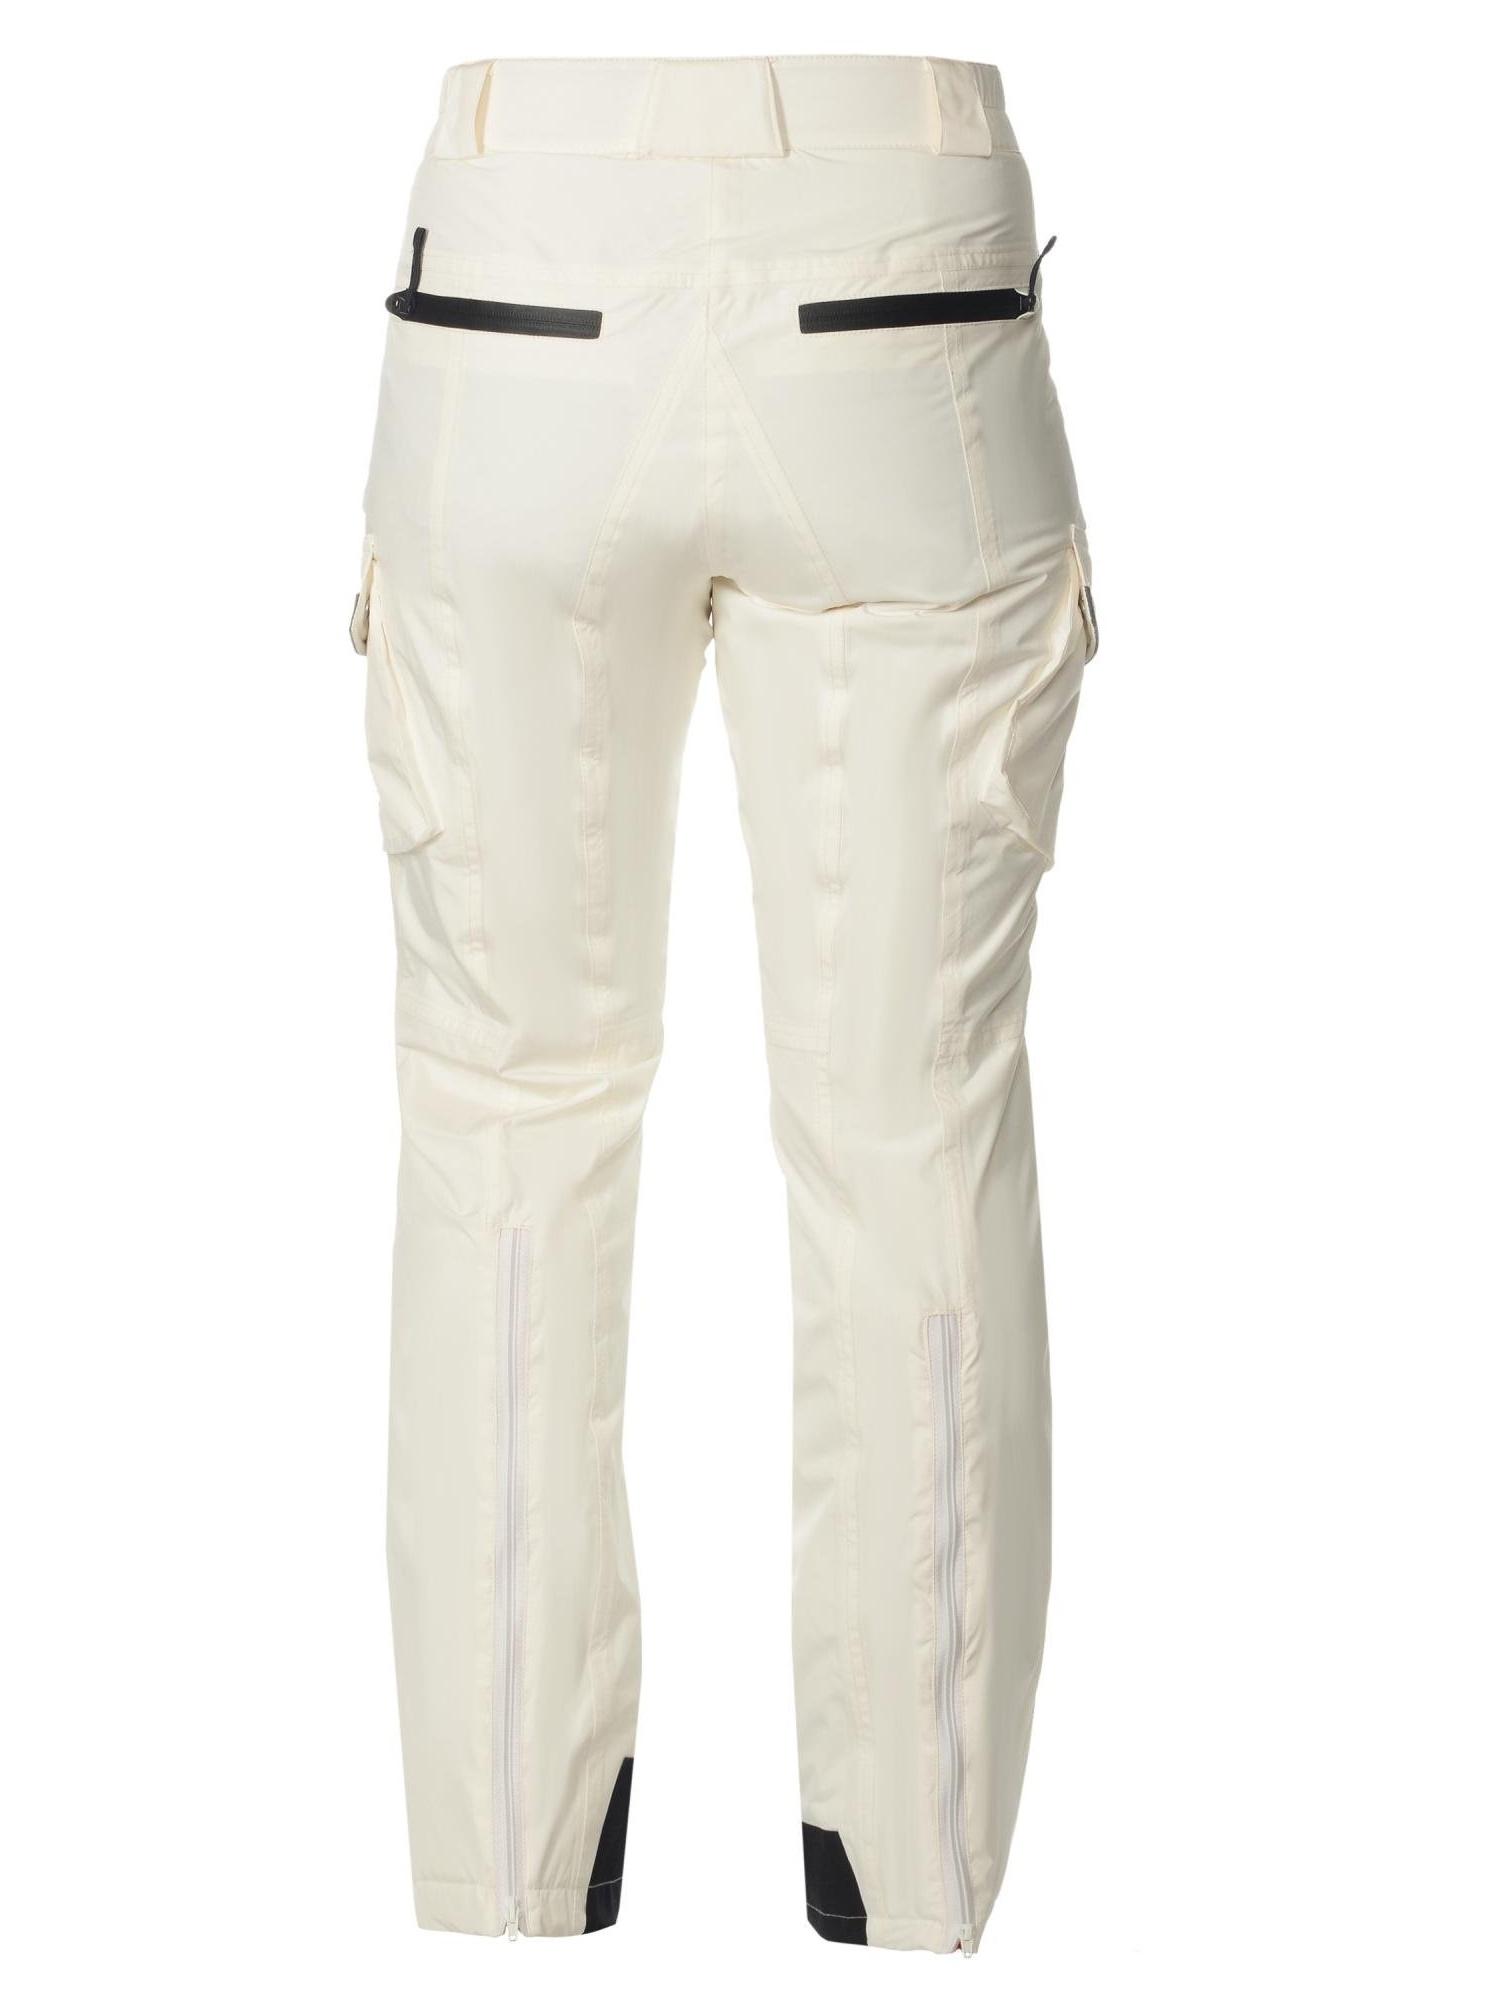 Женские горнолыжные брюки Almrausch Hochegg 321404-7009 белые